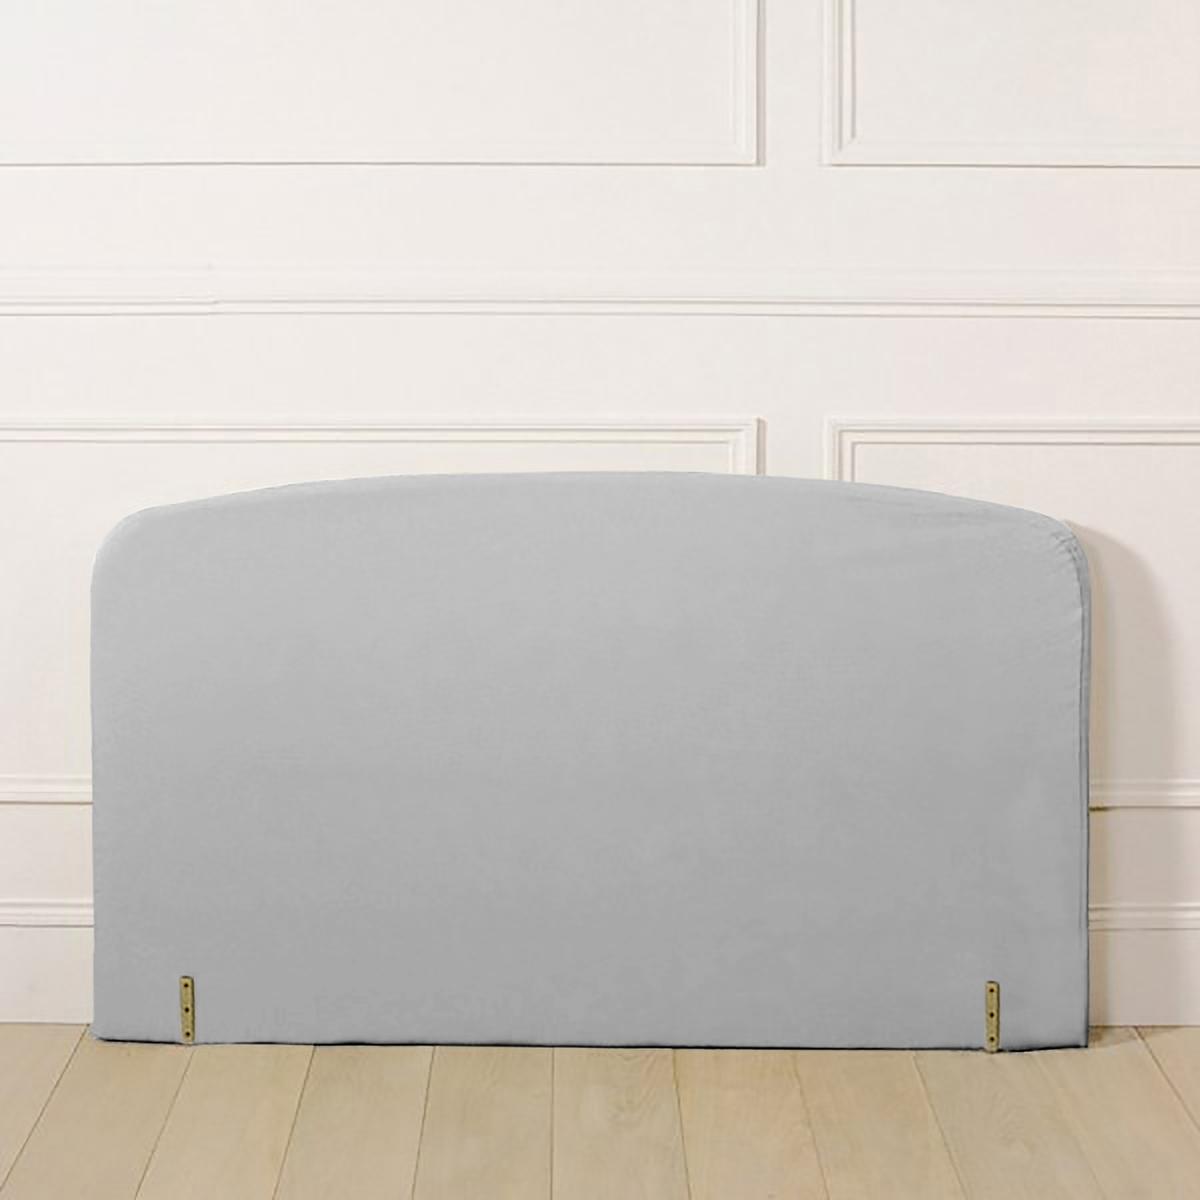 Чехол LaRedoute Для изголовья кровати изогнутой формы из поликоттона 90 x 85 см серый